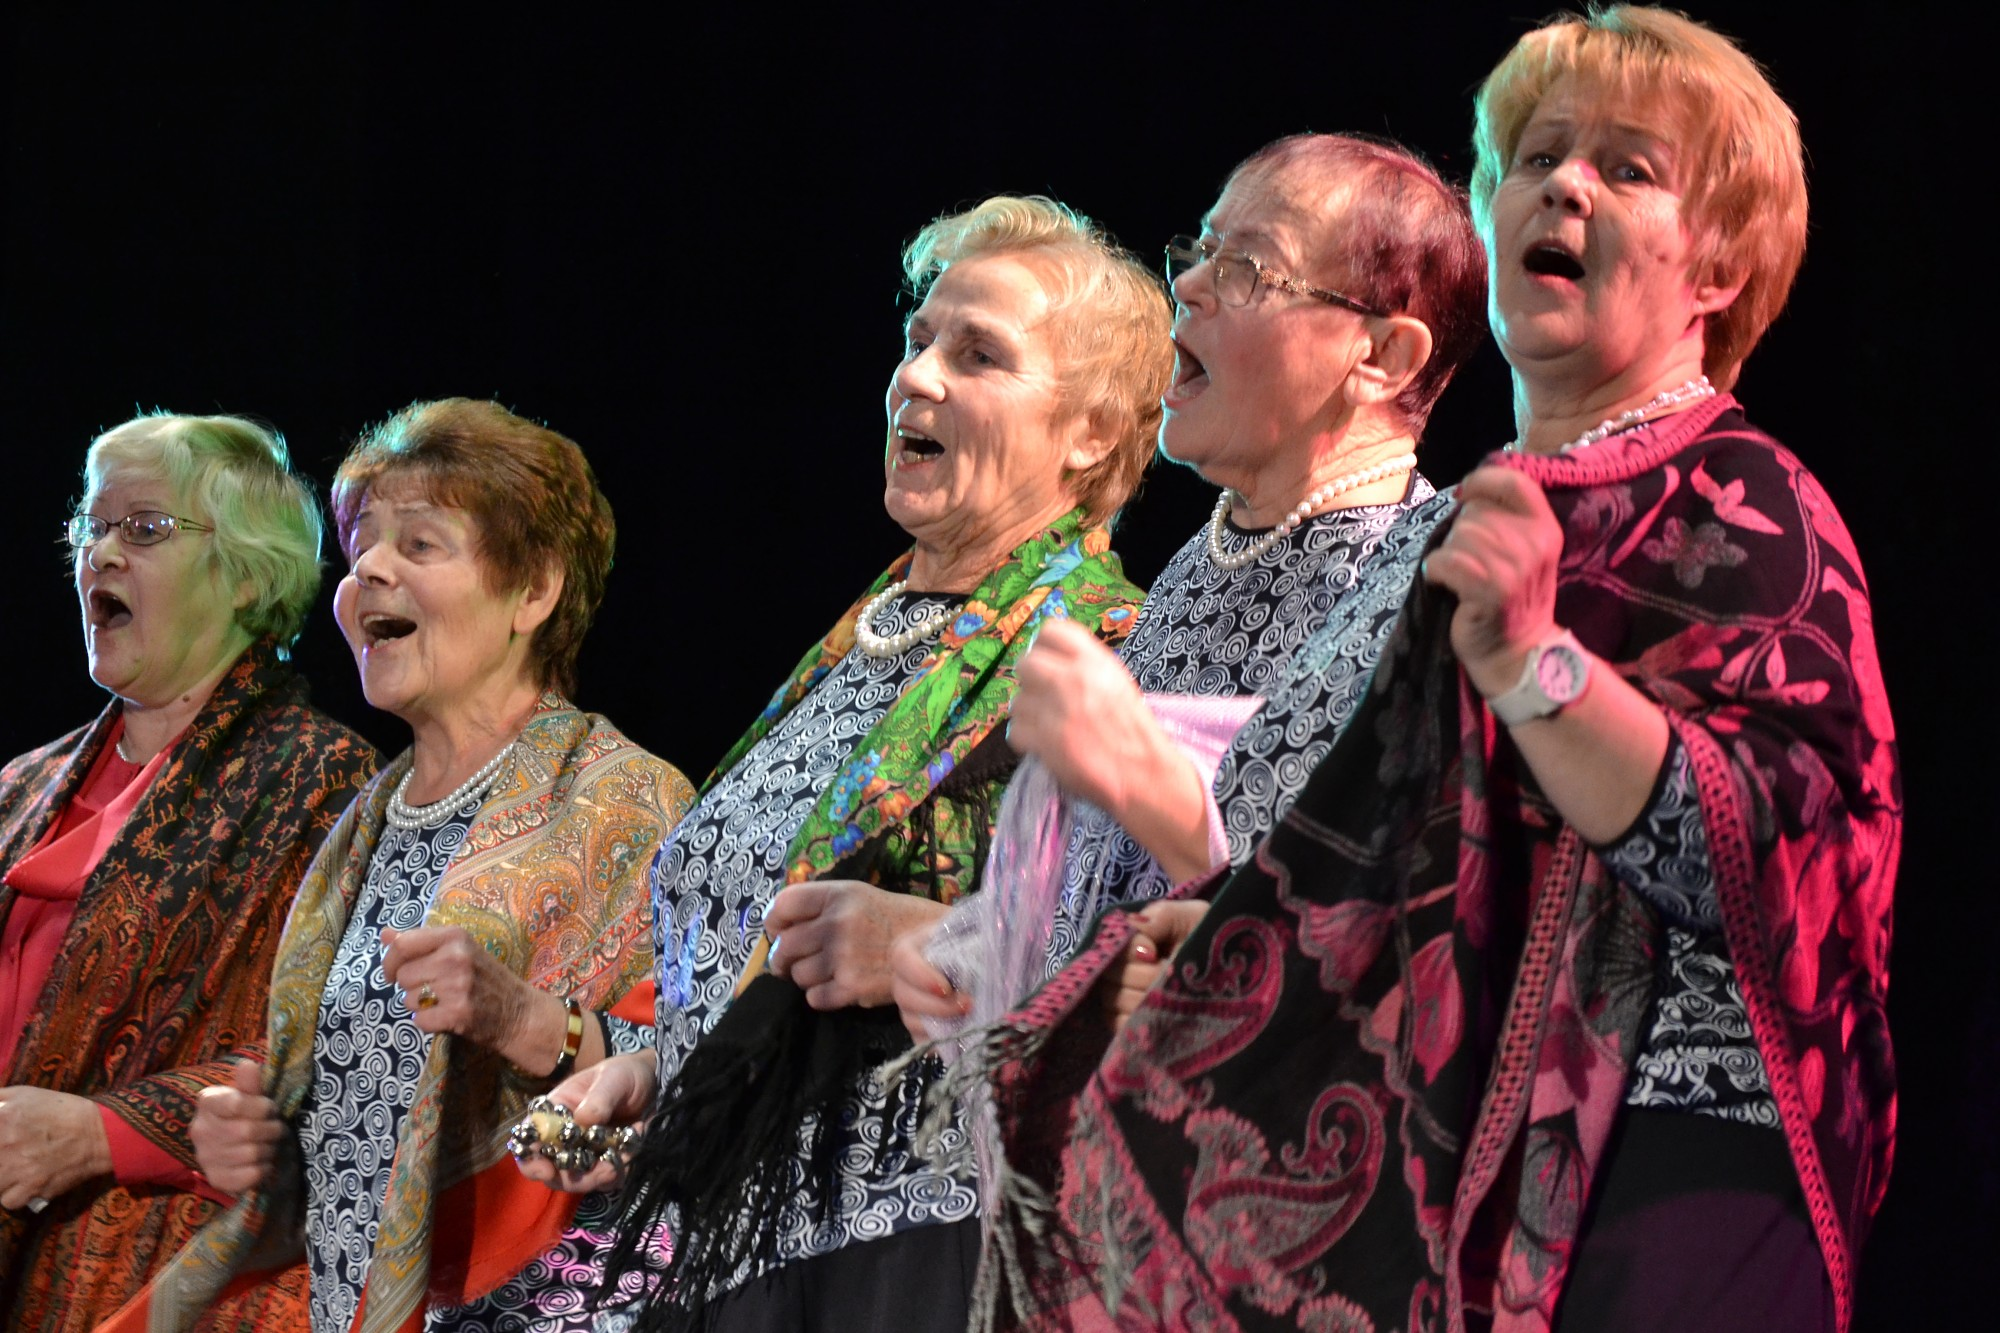 Kurzemes pensionāri svin ar mūziku